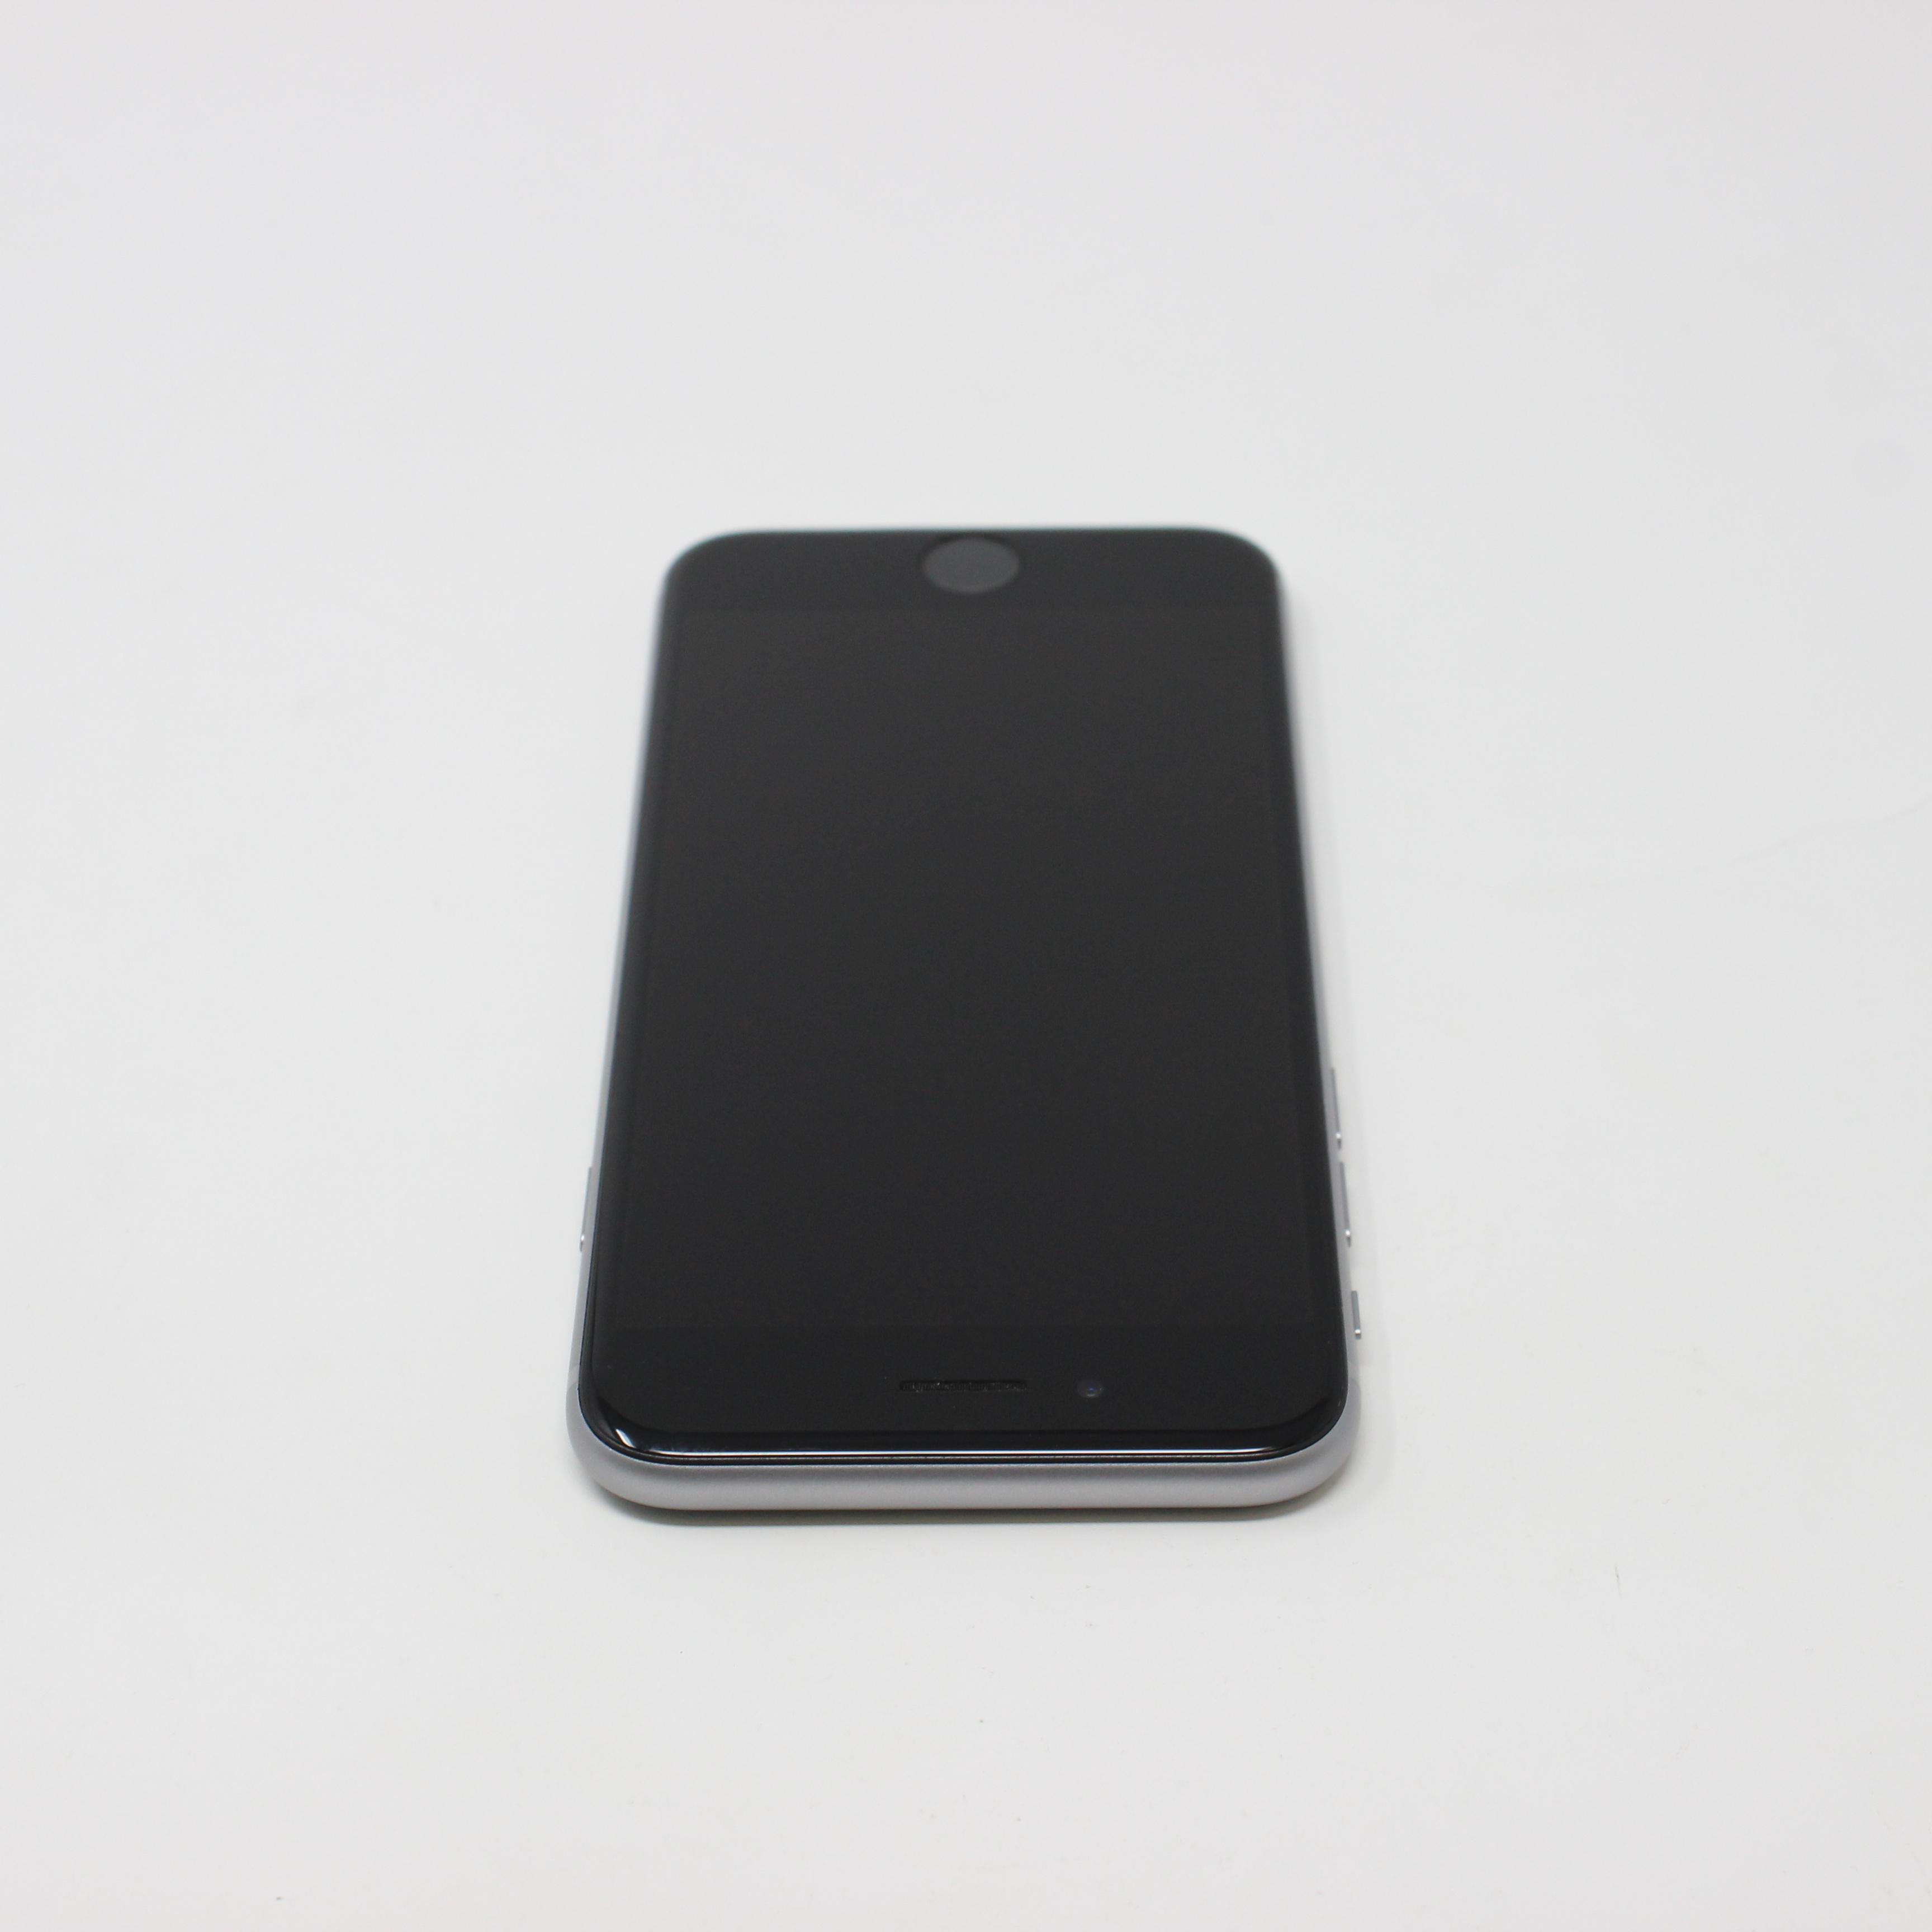 iPhone 6S 64GB Space Gray - AT&T photo 4 | UpTradeit.com